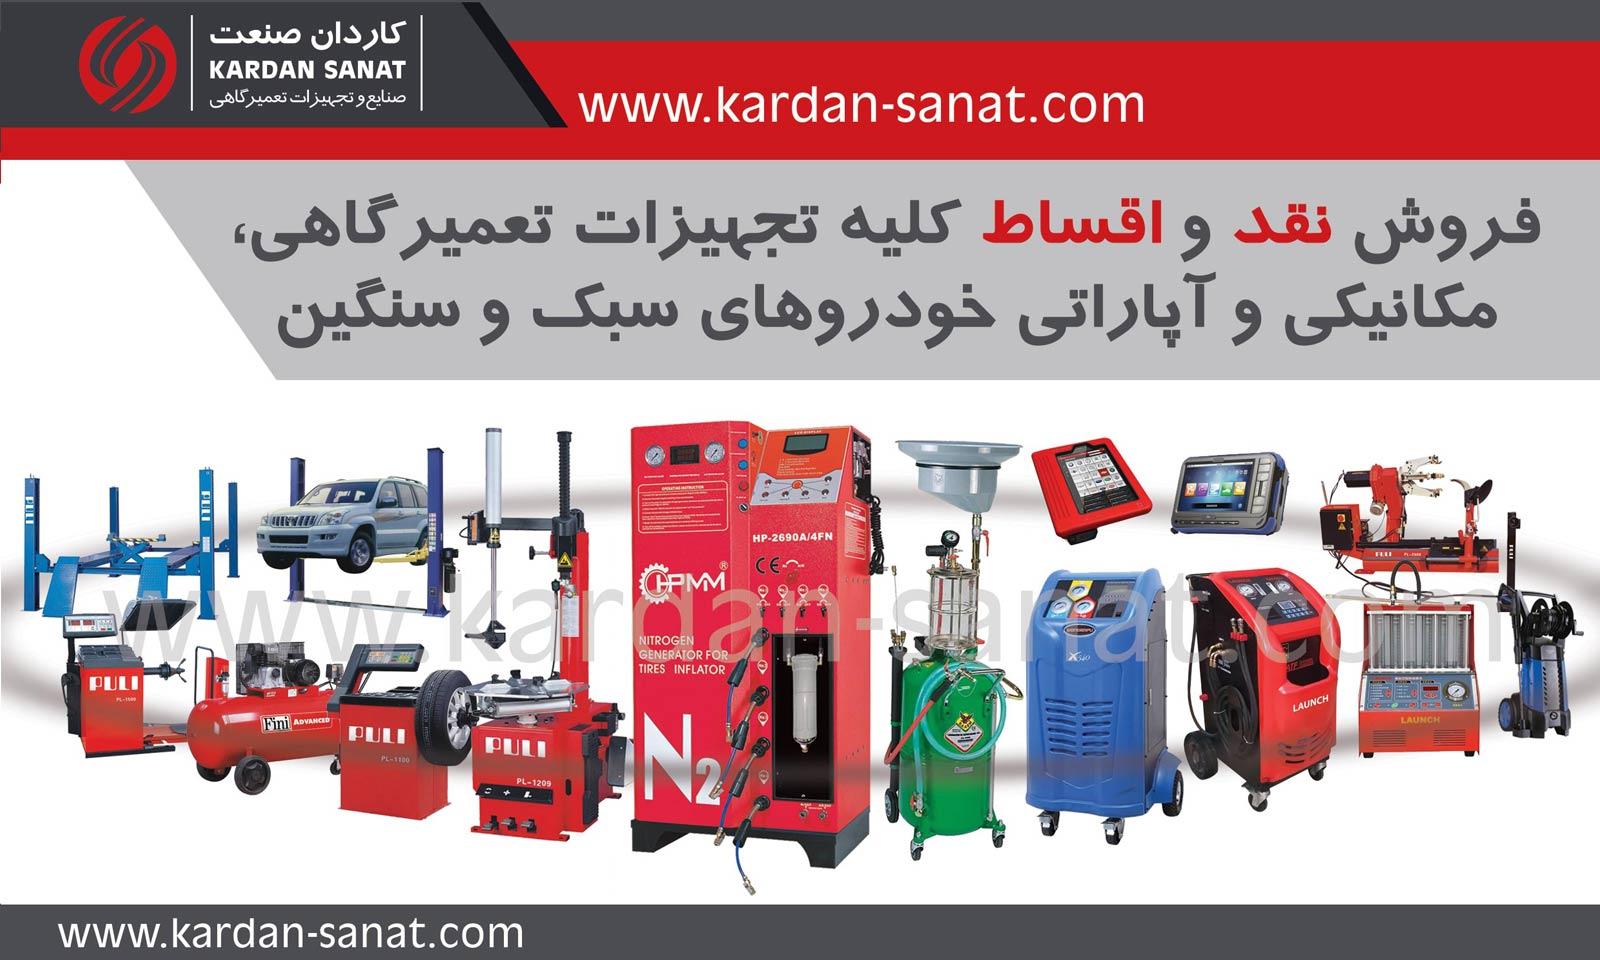 راهنمای گام به گام خرید و فروش و قیمت انواع تجهیزات تعمیرگاهی کاردان صنعت